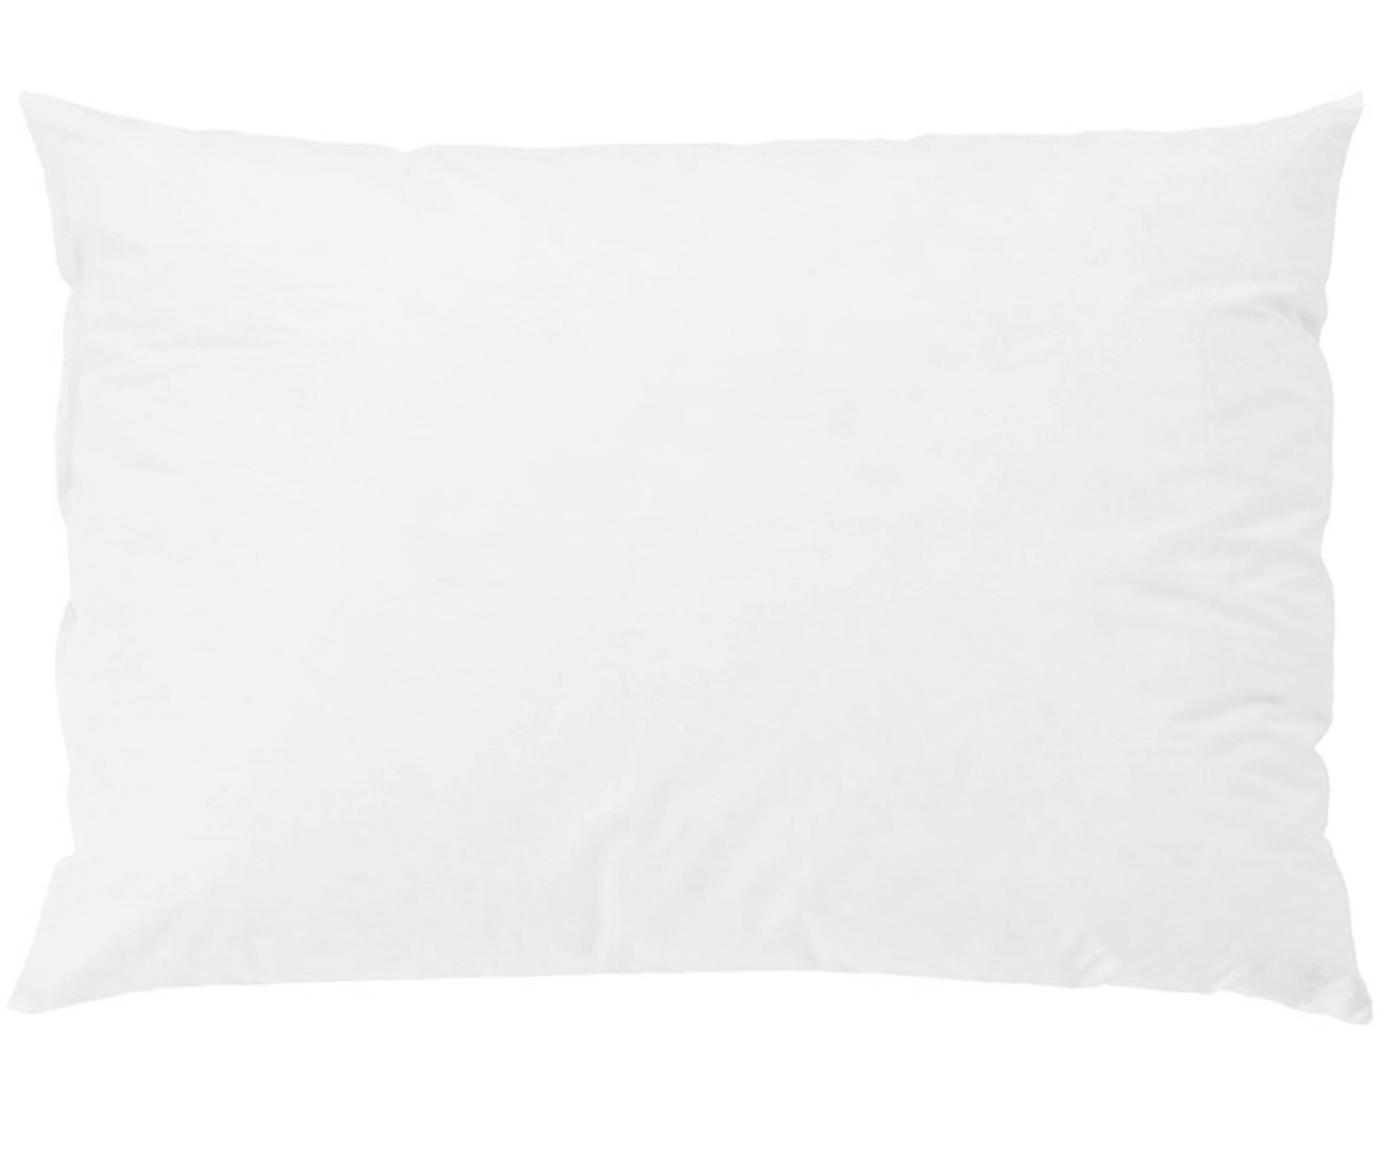 Wypełnienie poduszki dekoracyjnej Komfort, 40 x 60, Biały, S 40 x D 60 cm